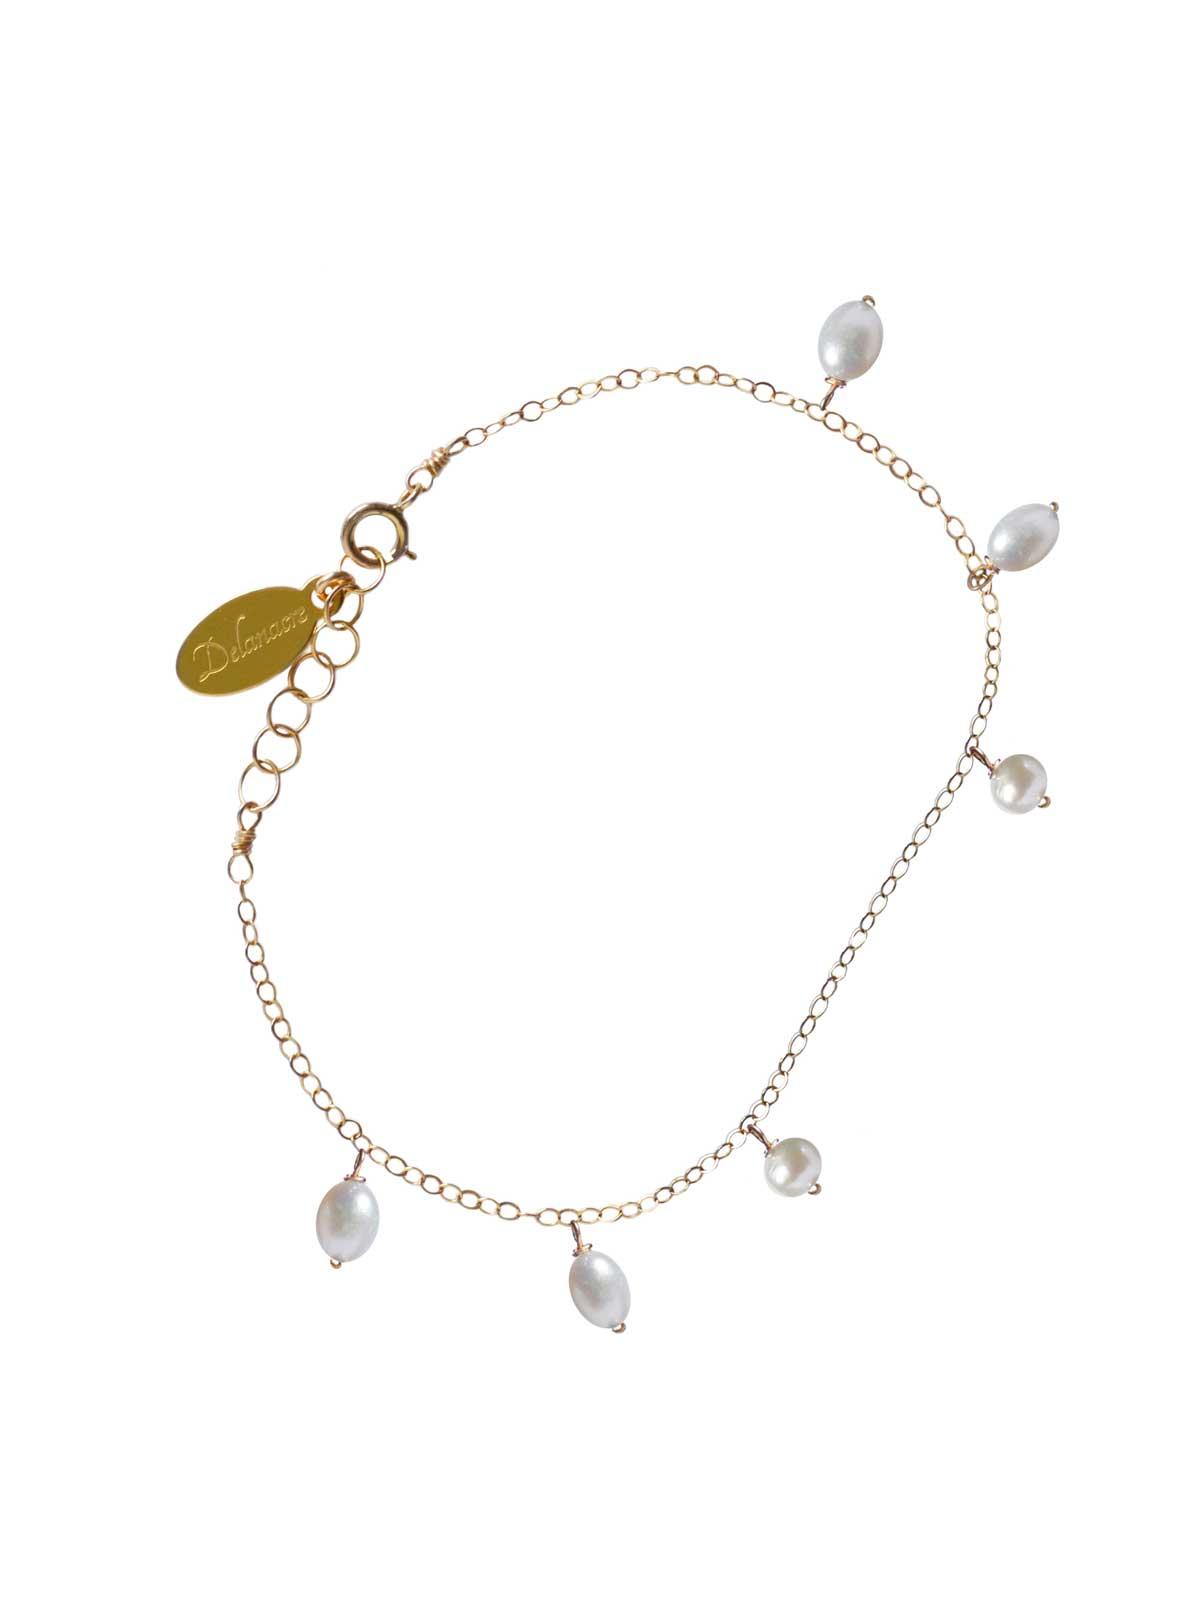 Bracelet 14K Gold-filled chain WHITE PEARL